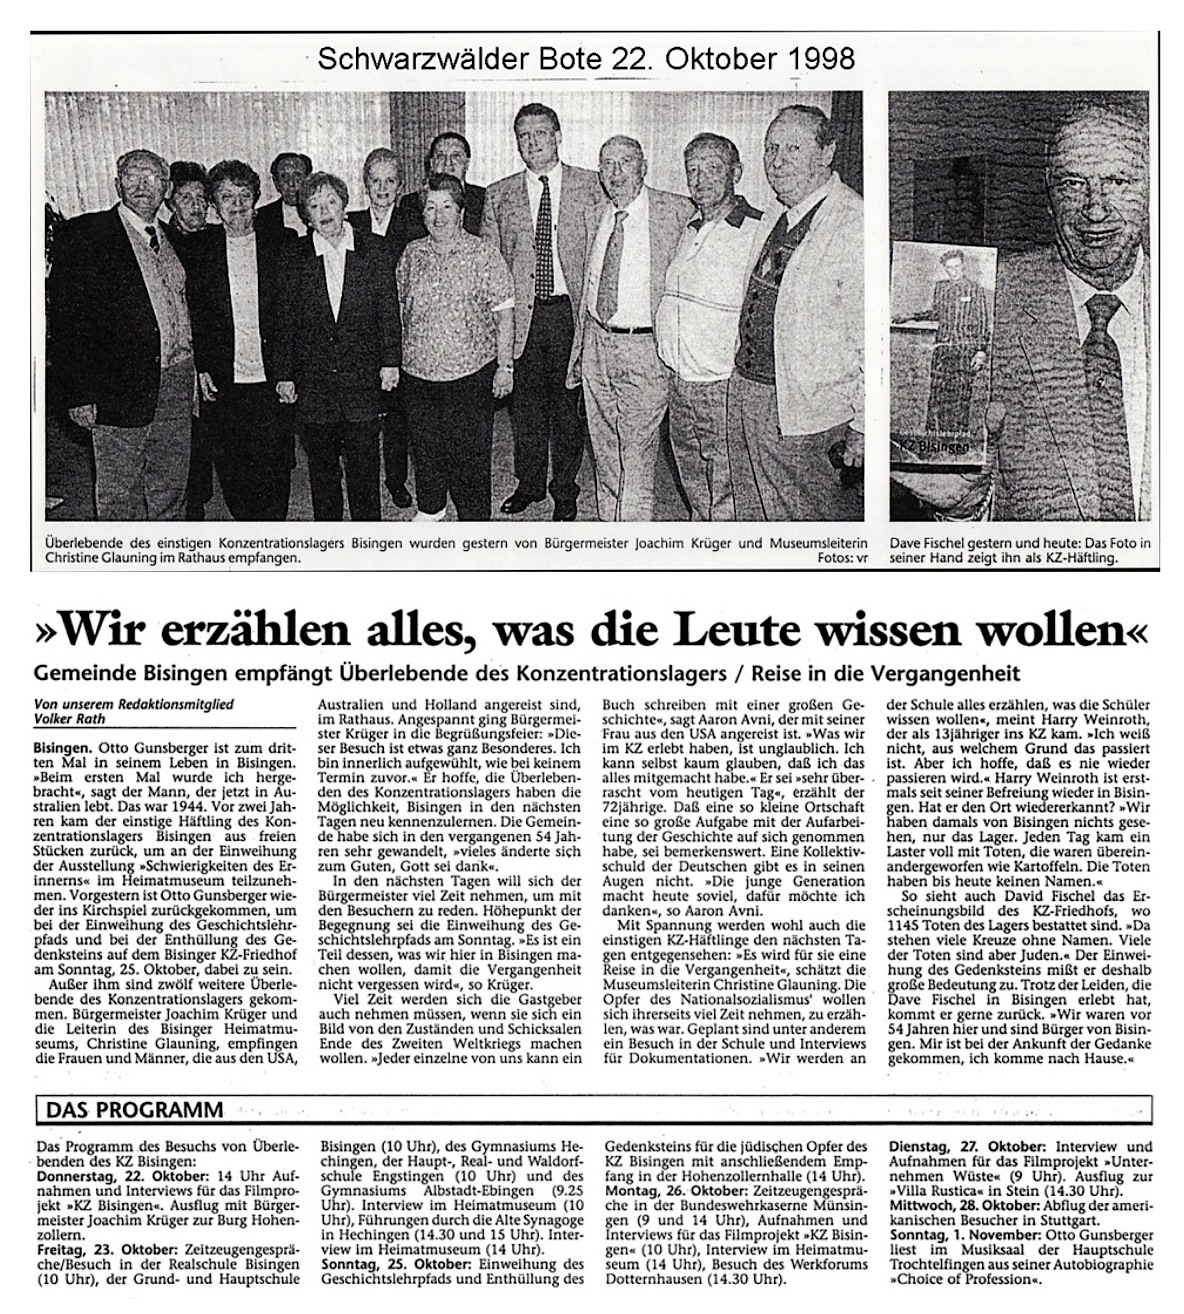 SchwaBO 22. 10. 1998